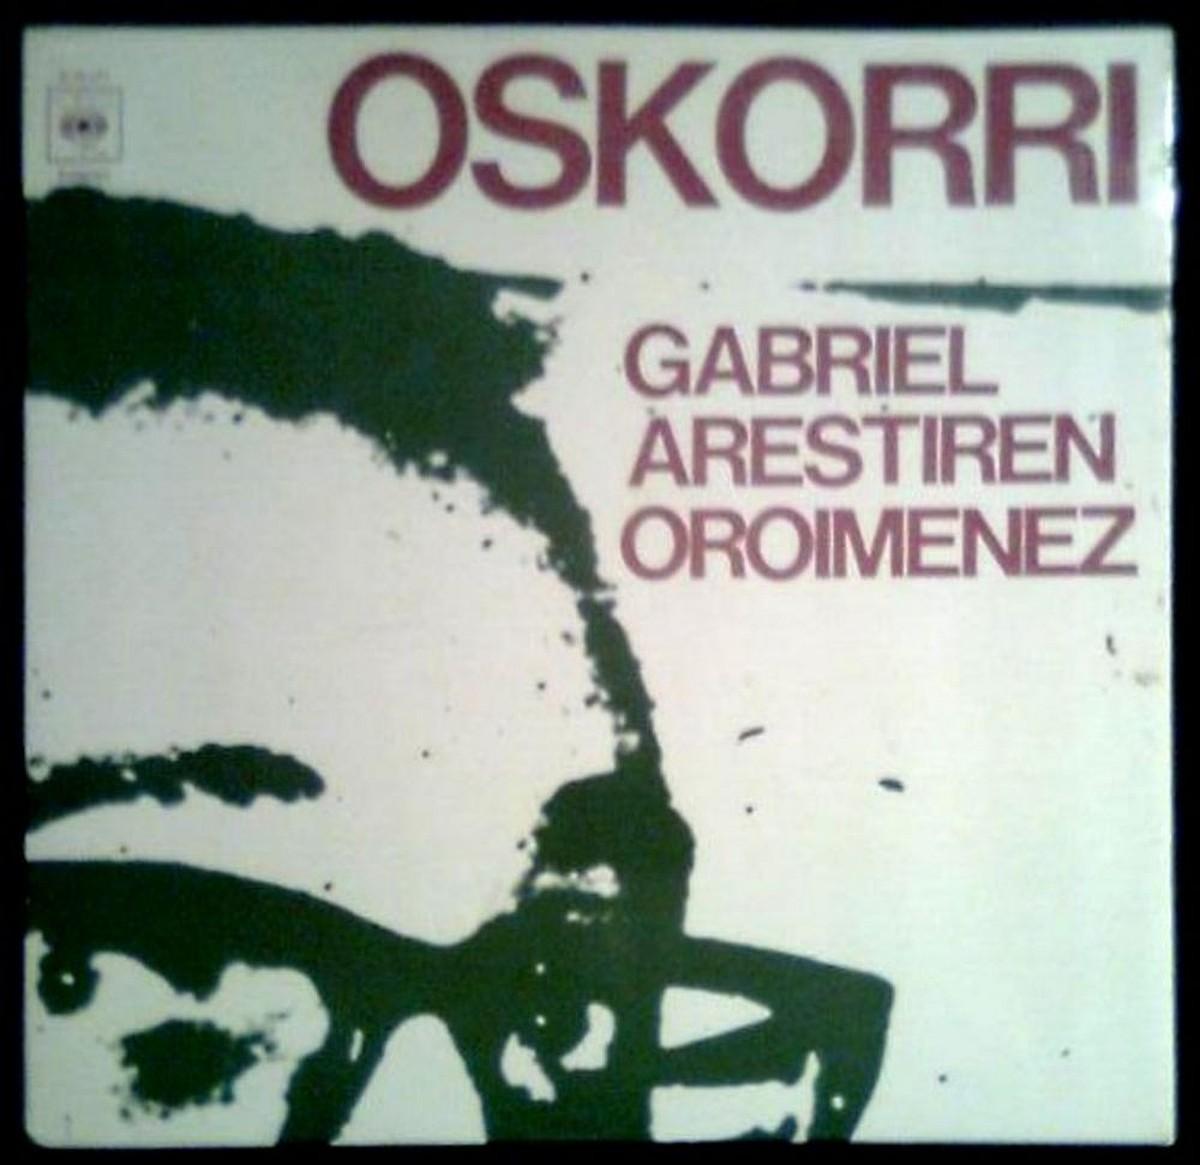 Oskorrikoen 1977ko irudi bat eta taldearen 2008ko beste bat.